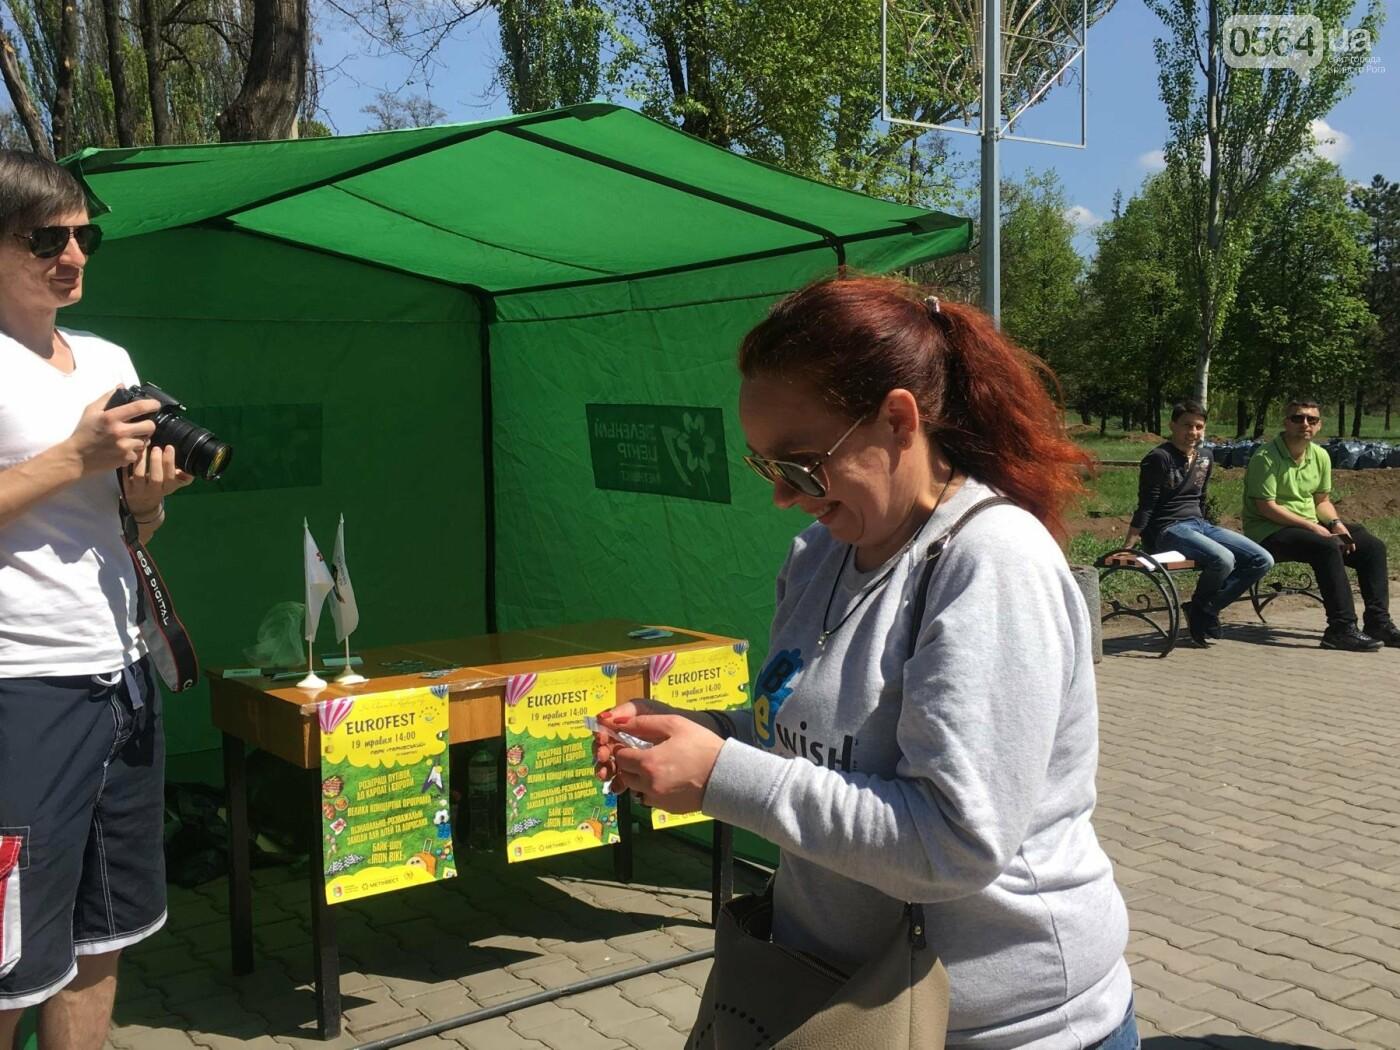 """""""В Европу без мусора!"""": криворожане помогли подготовить парк к Еврофесту (ФОТО), фото-38"""